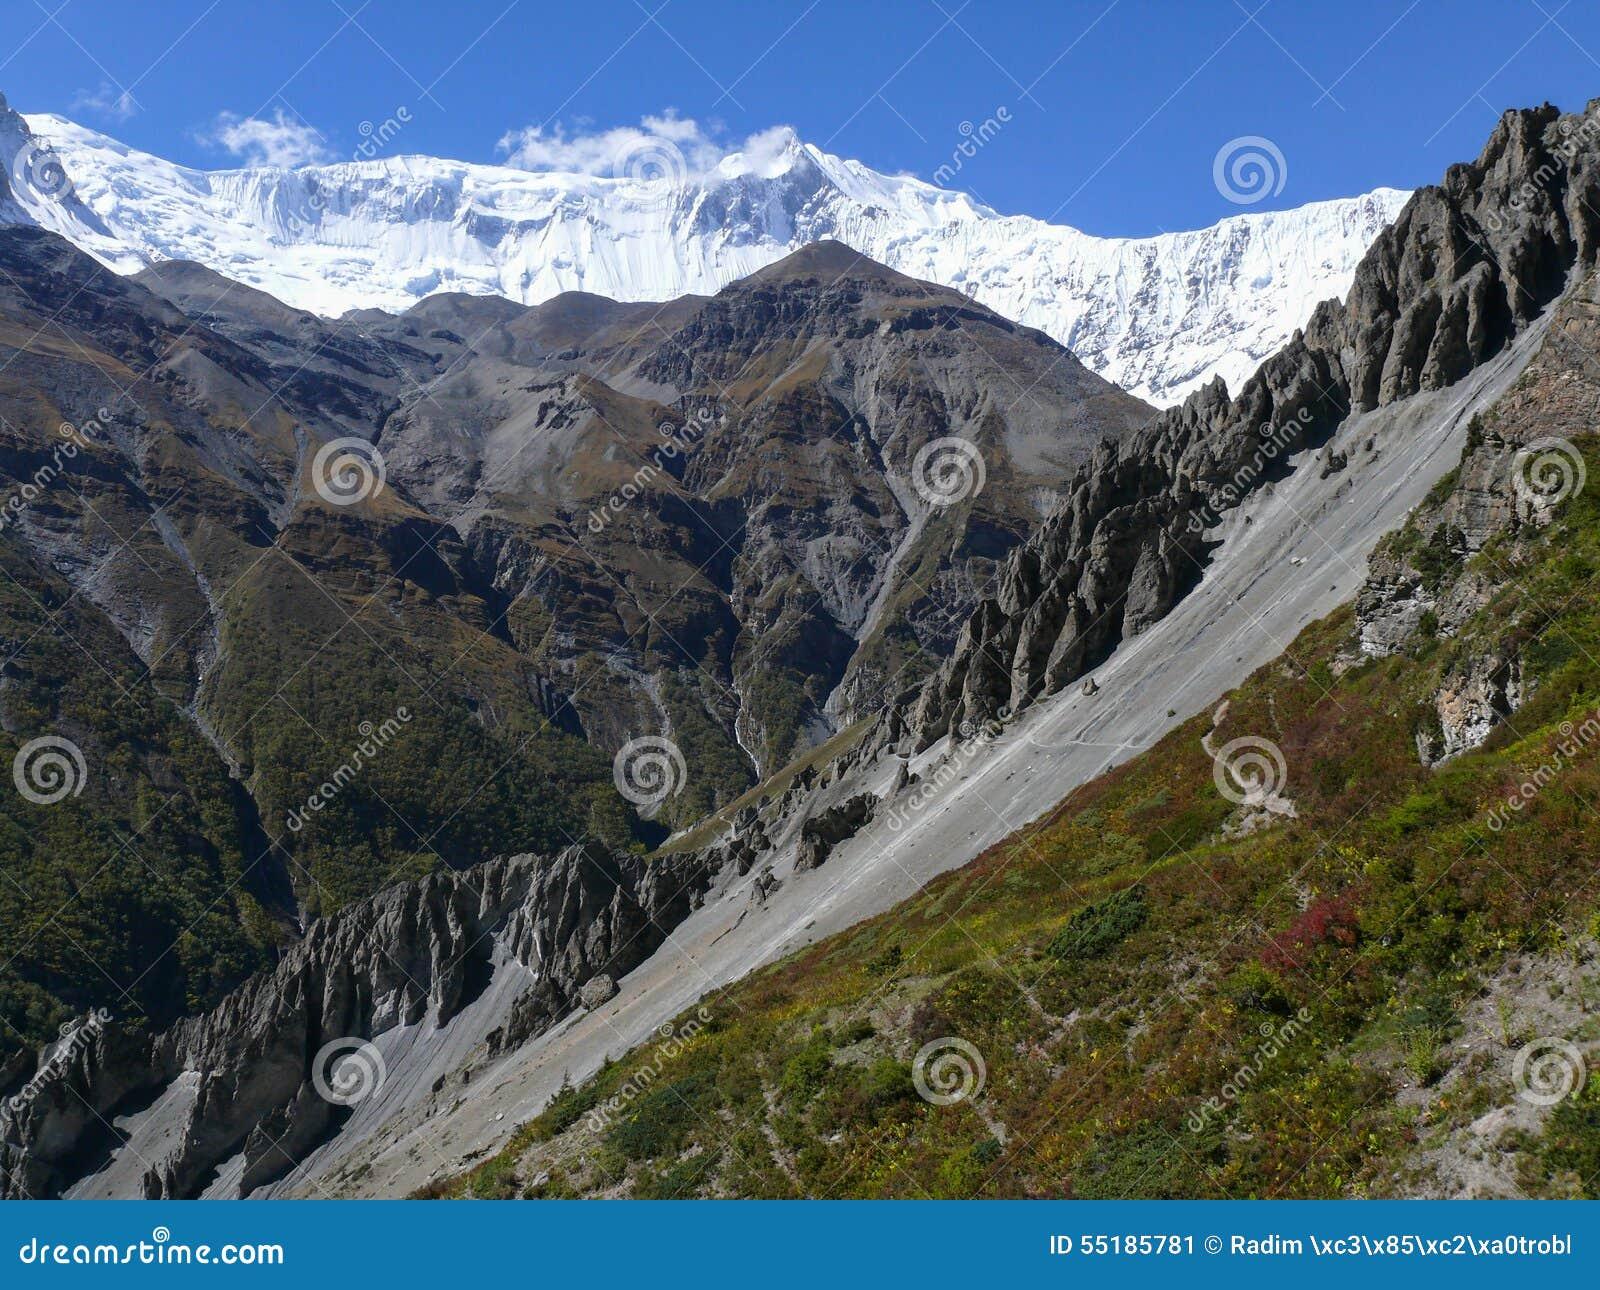 Tilicho ragen, Erdrutschbereich, abgefressene Felsen - Weise zu niedrigem Lager Tilicho, Nepal empor